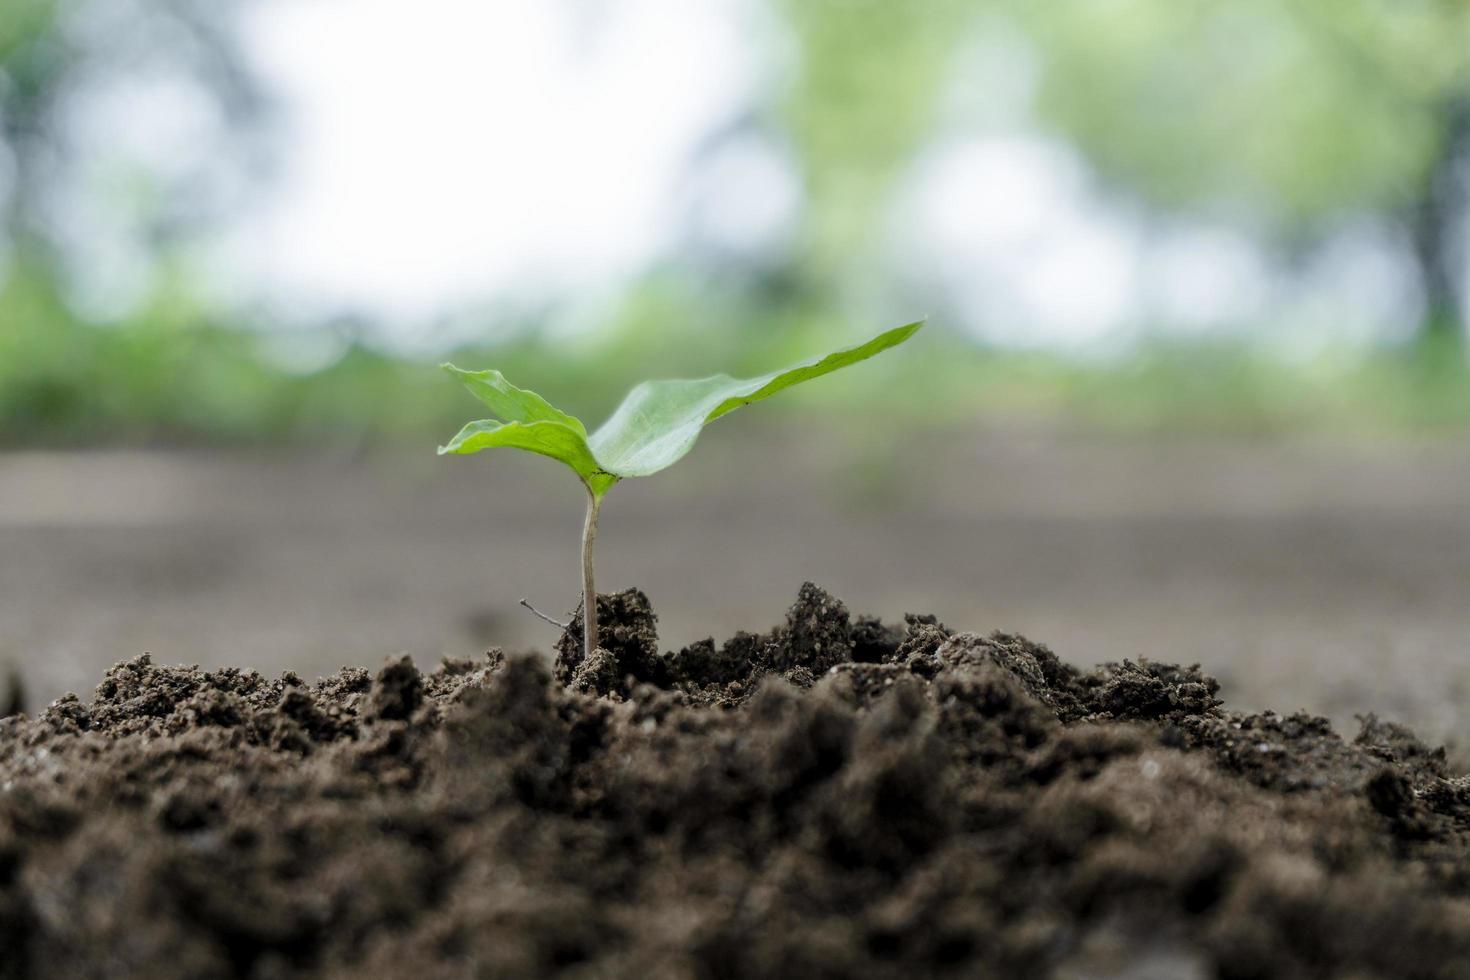 Pflanzensprossen aus dem Boden im Garten foto